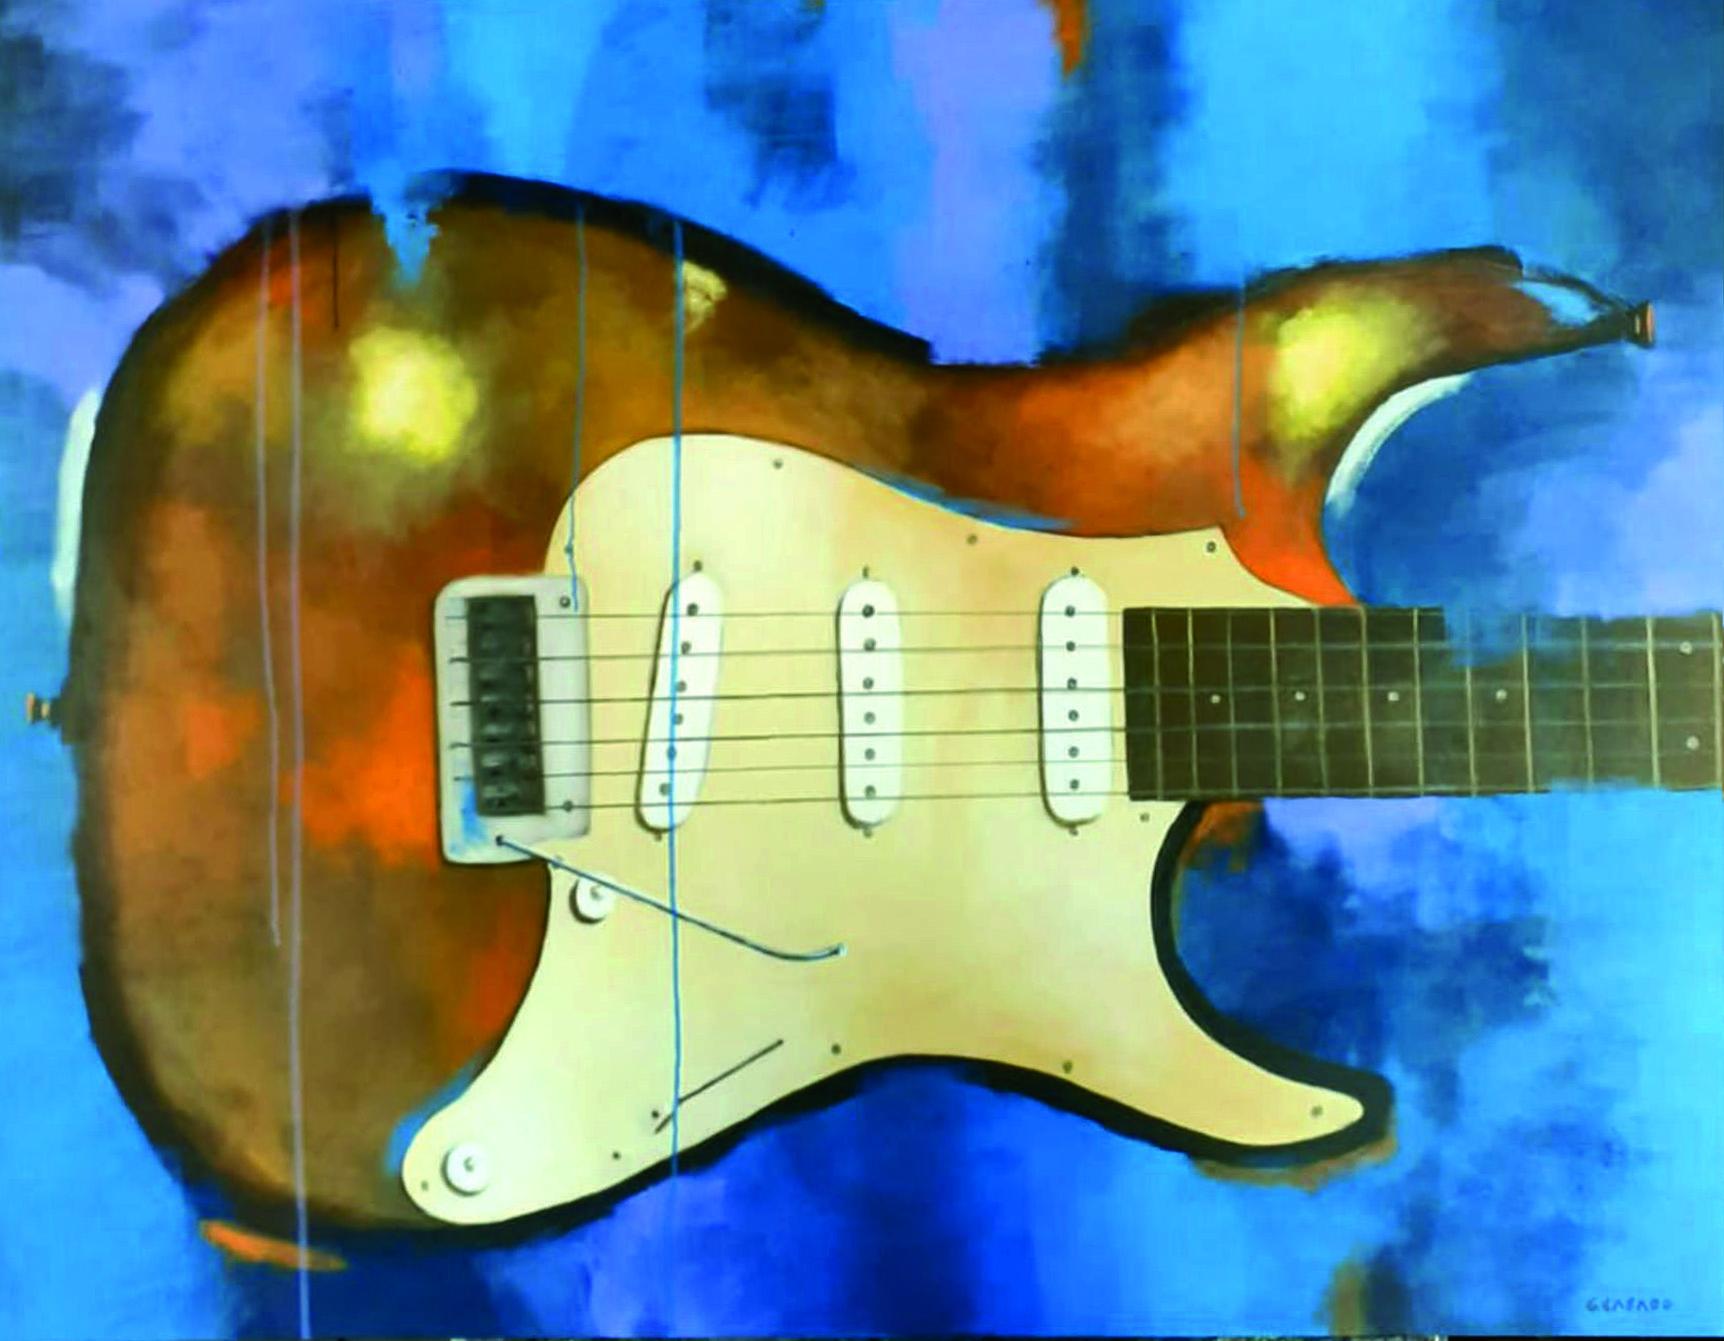 musicos-do-mundo-02-100-x-130